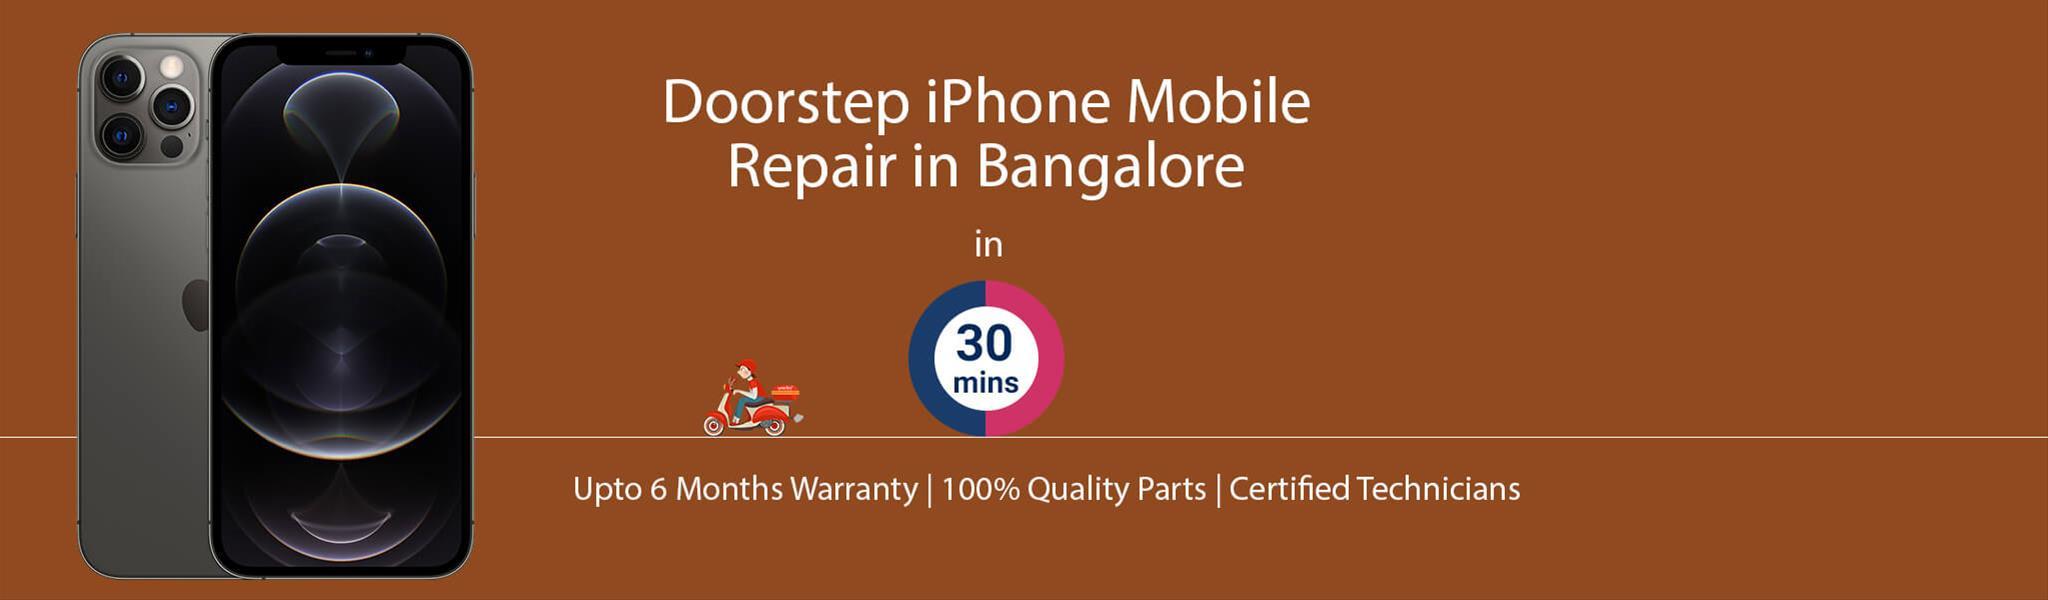 iphone-repair-service-banner-bangalore.jpg